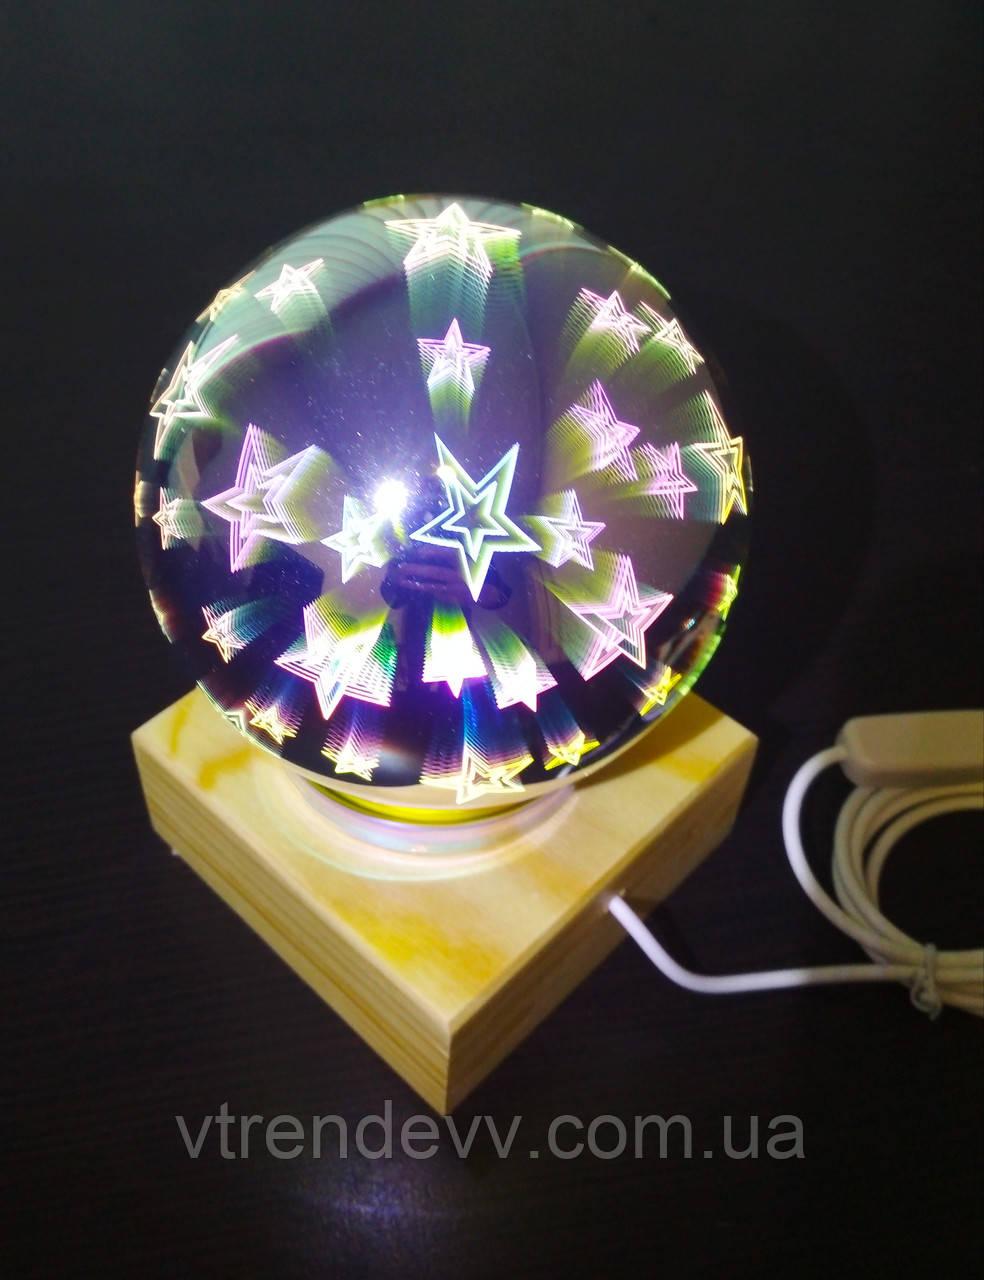 Ночник шар звездное небо стеклянный светильник Luminaria Portatil Infantil USB 12 см